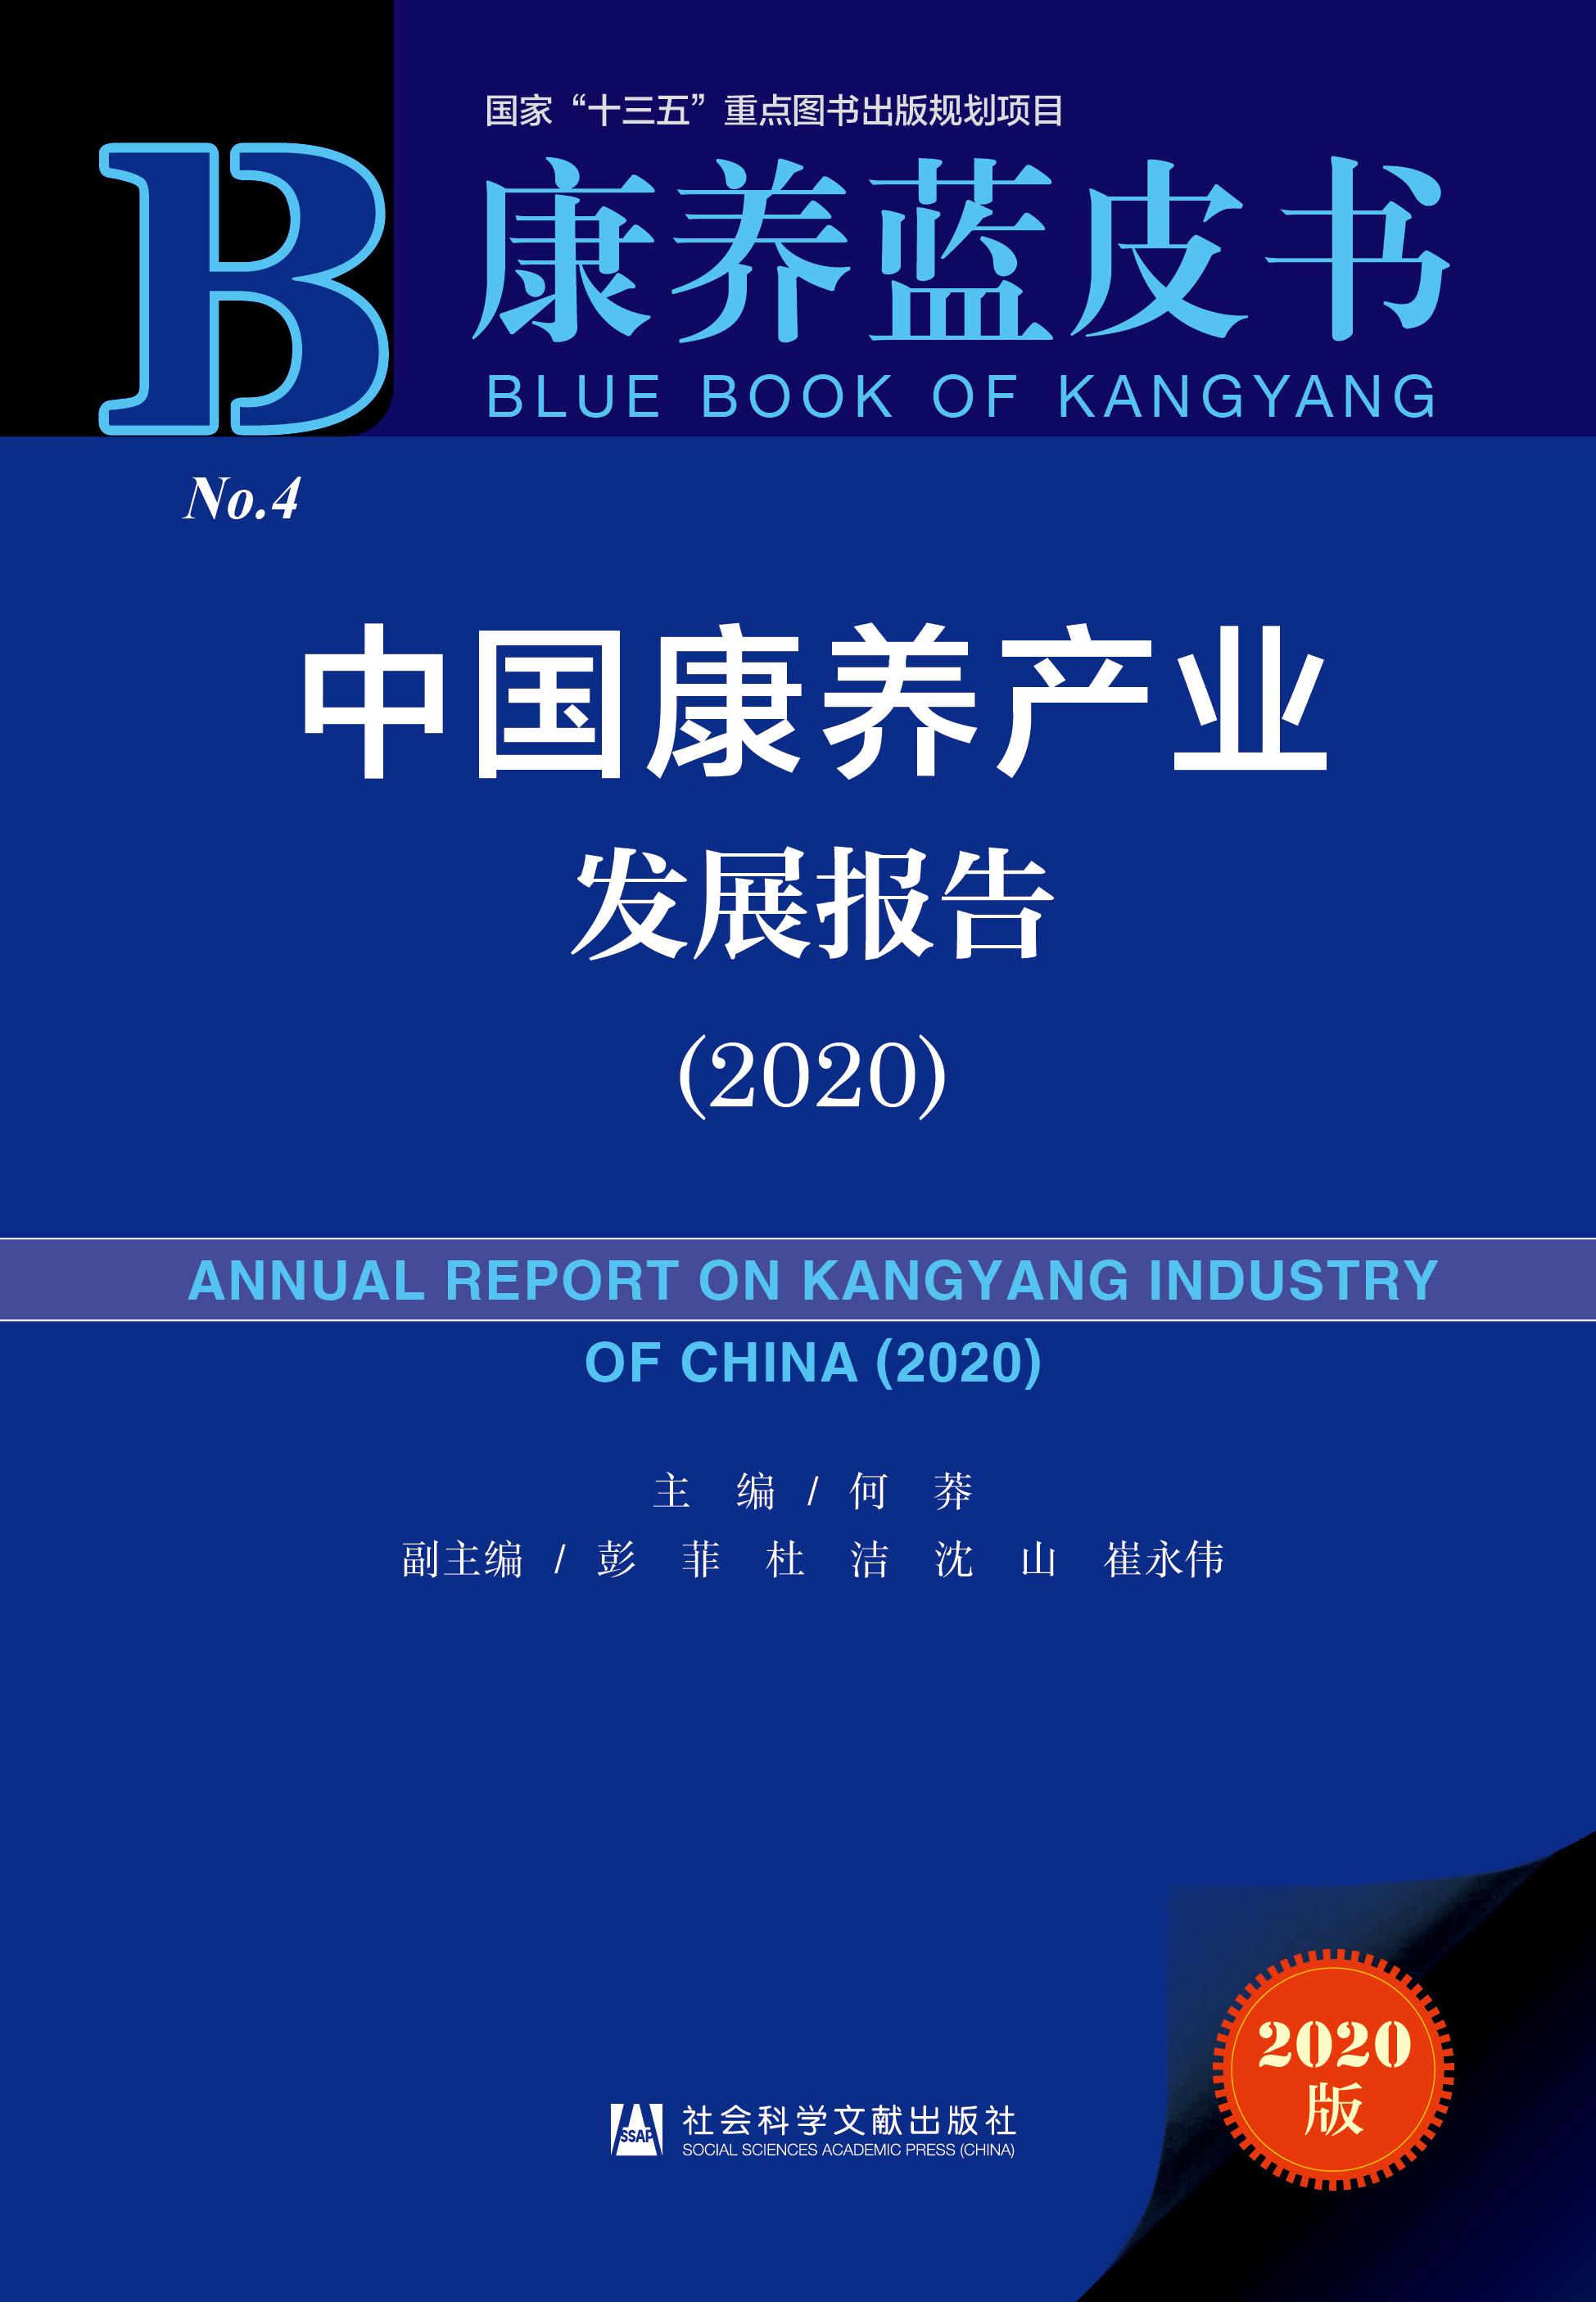 中国康养产业发展报告(2020)